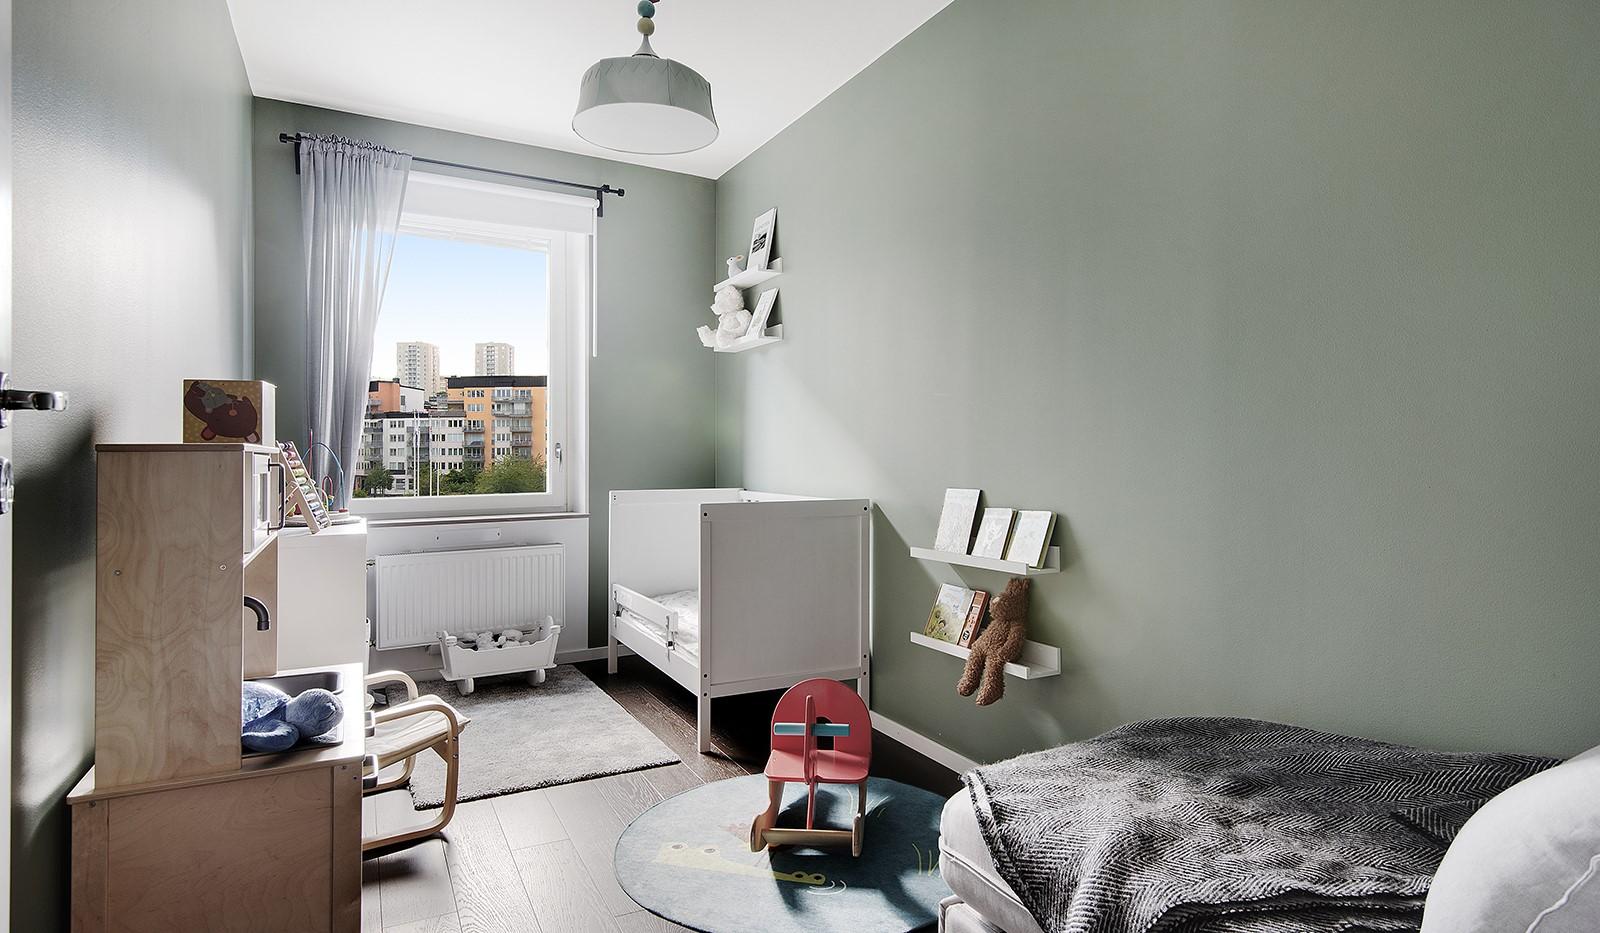 Oskarslundsbacken 1, 2tr - Härligt barnrum med fönster mot Fredsborgsparken